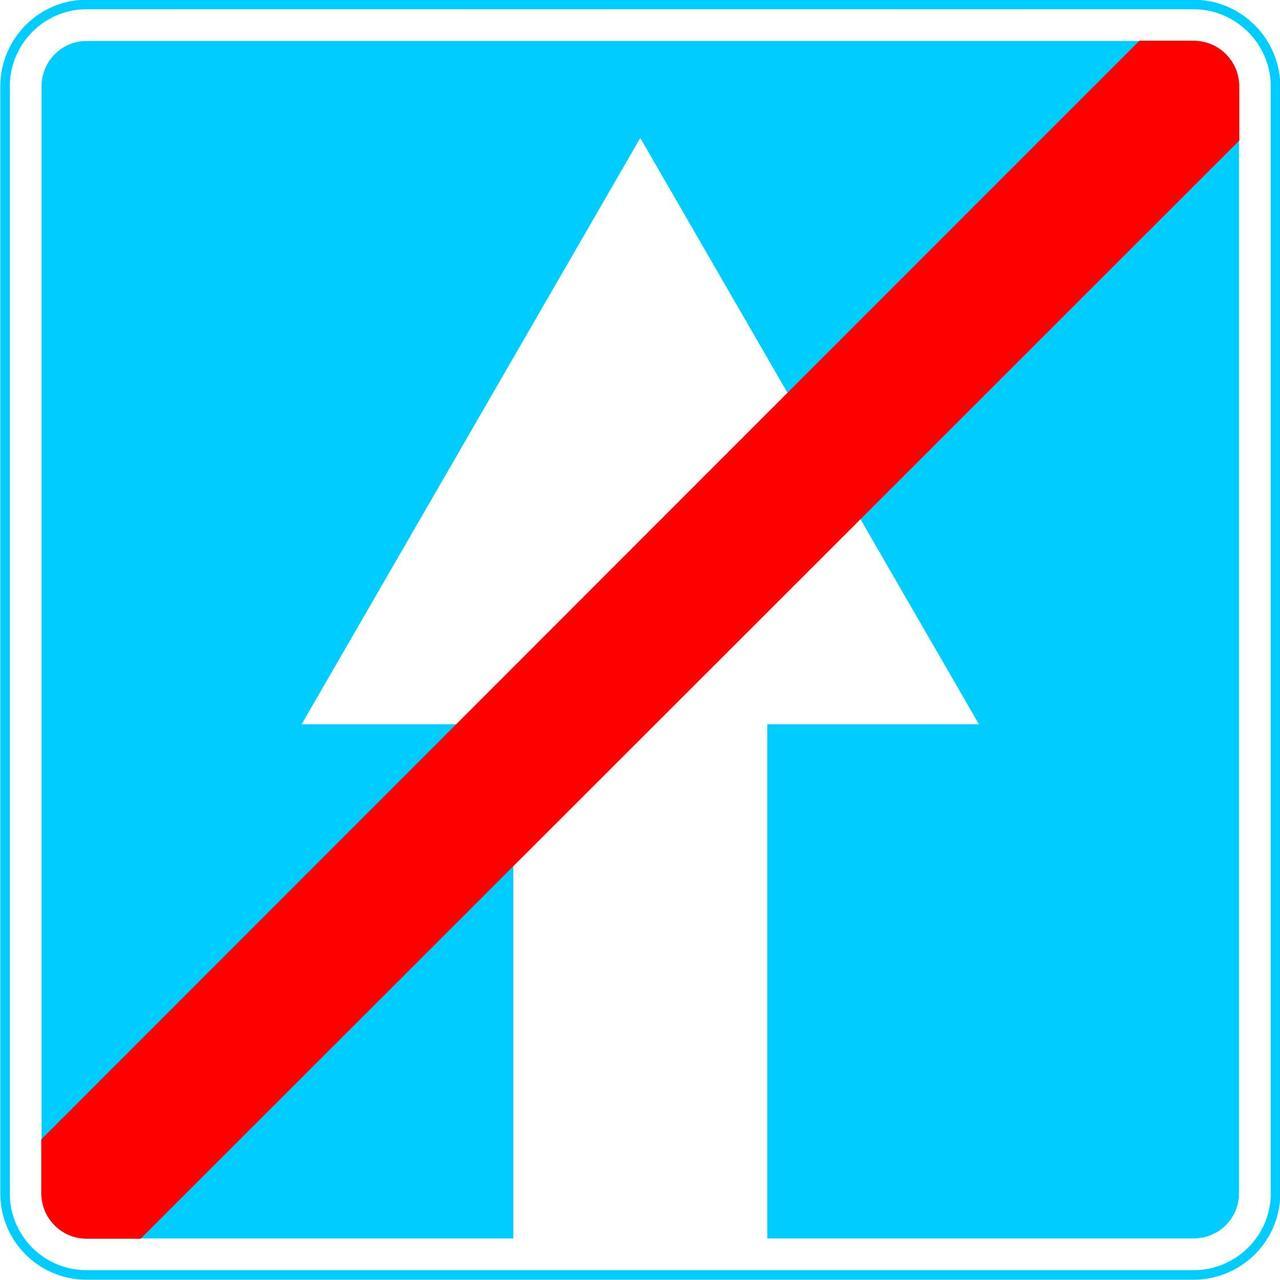 Знак 5.6 Бір жақты қозғалыс жолының соңы/ Конец дороги с односторонним движением